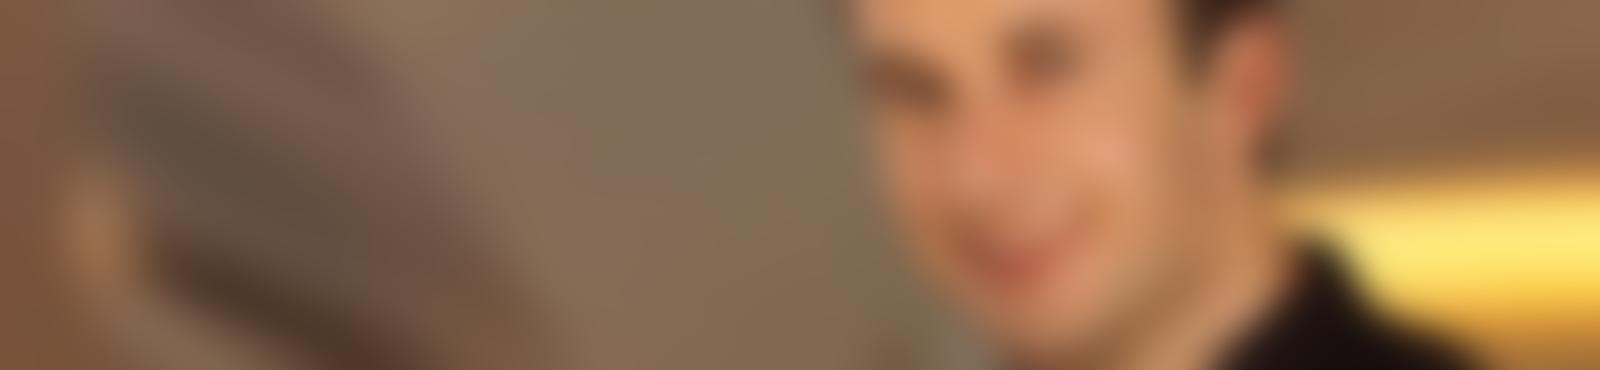 Blurred f4b87552 4d99 4f22 a74a f442b7c5f9e8